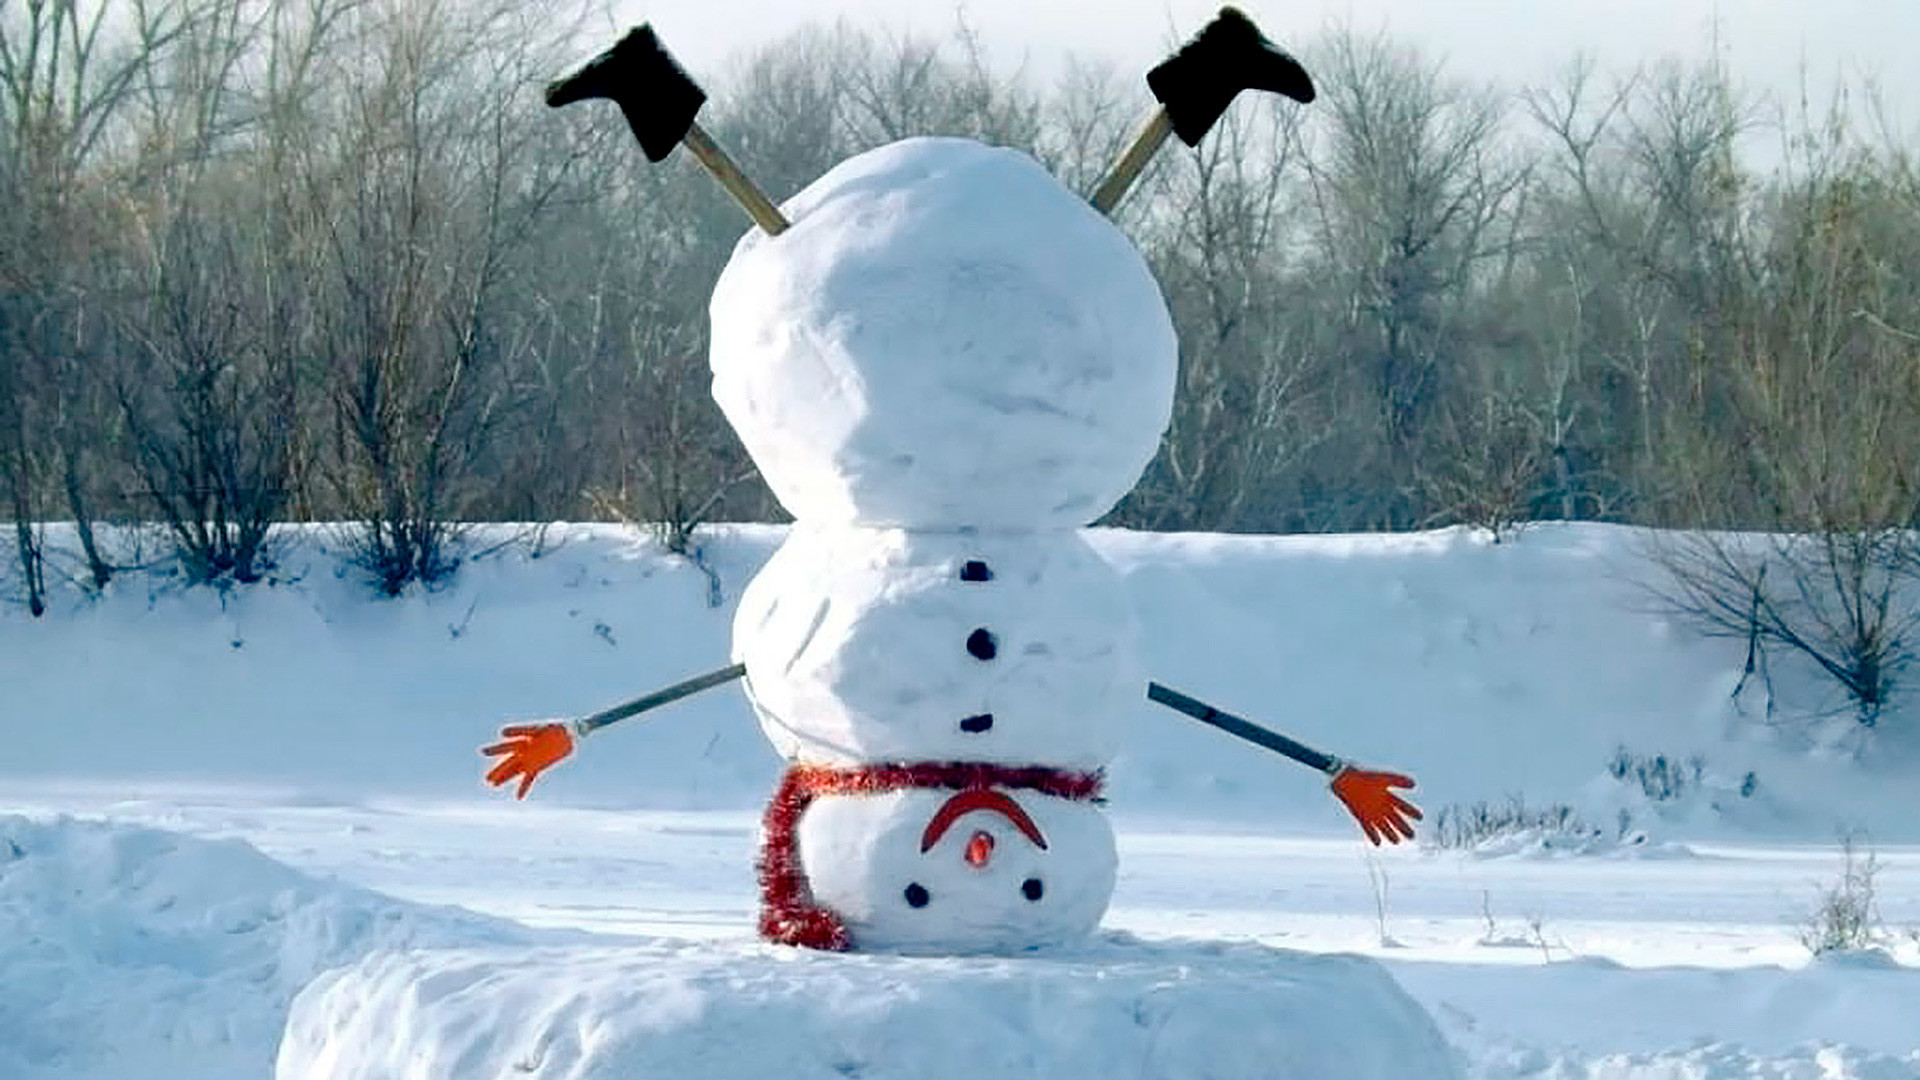 Los muñecos de nieve siguen en las calles de Moscú a pesar de la primavera - Russia Beyond ES